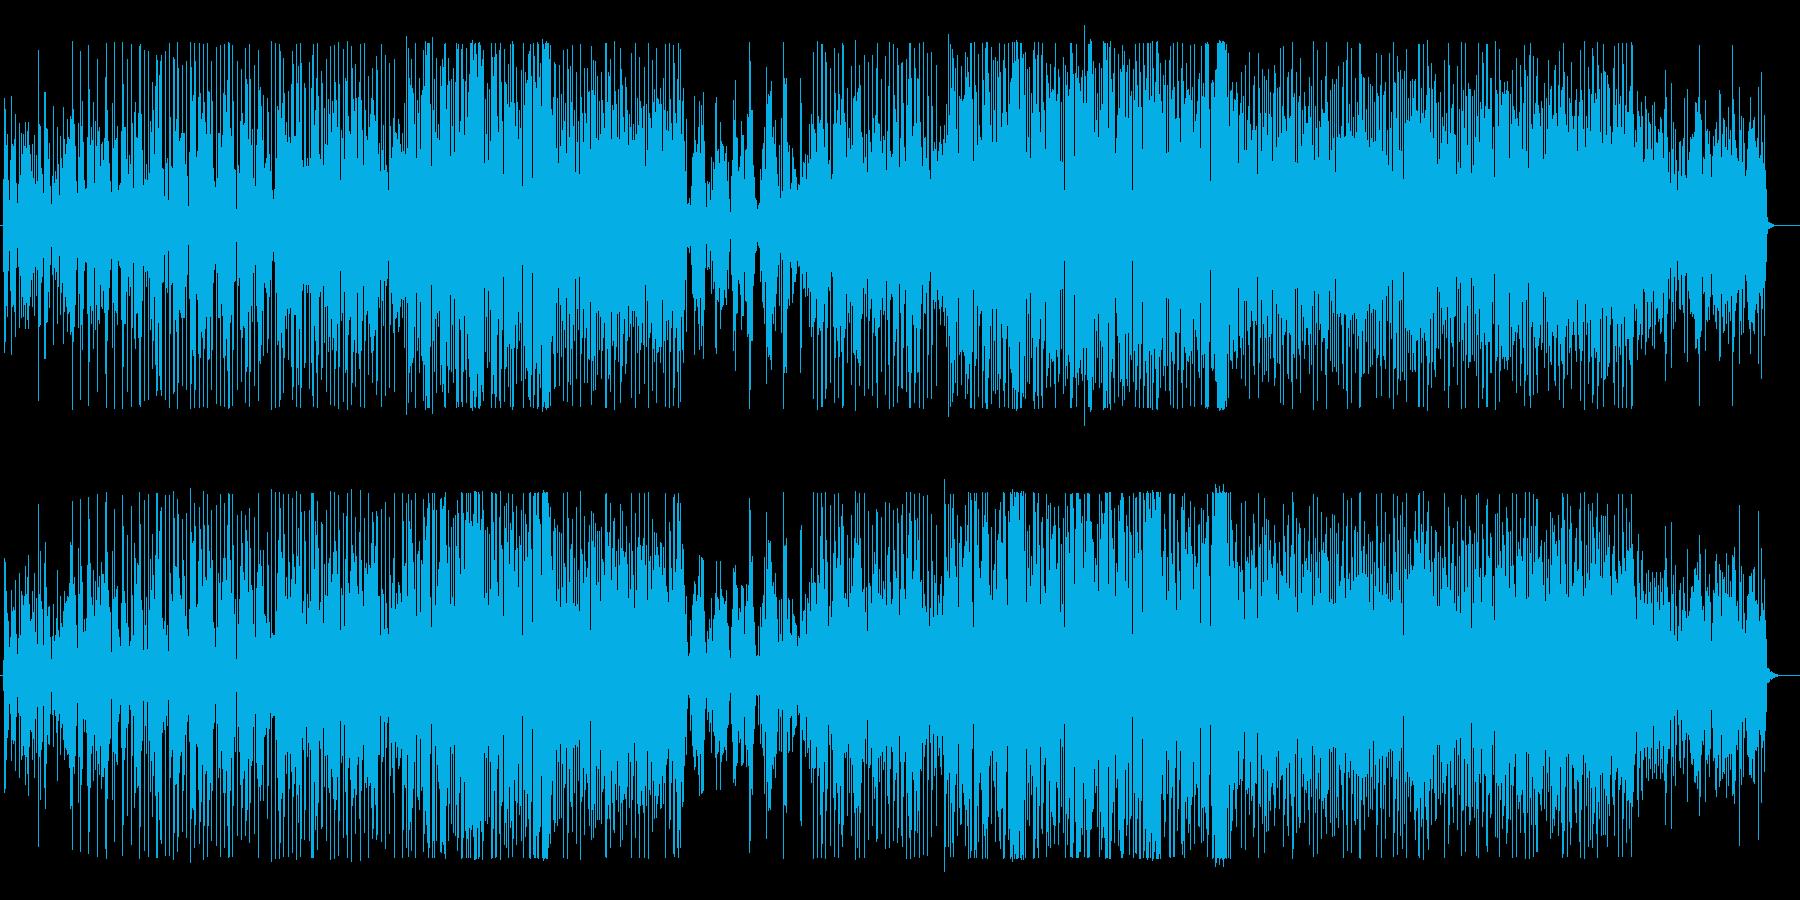 生バイオリンのおしゃれな大人シティポップの再生済みの波形